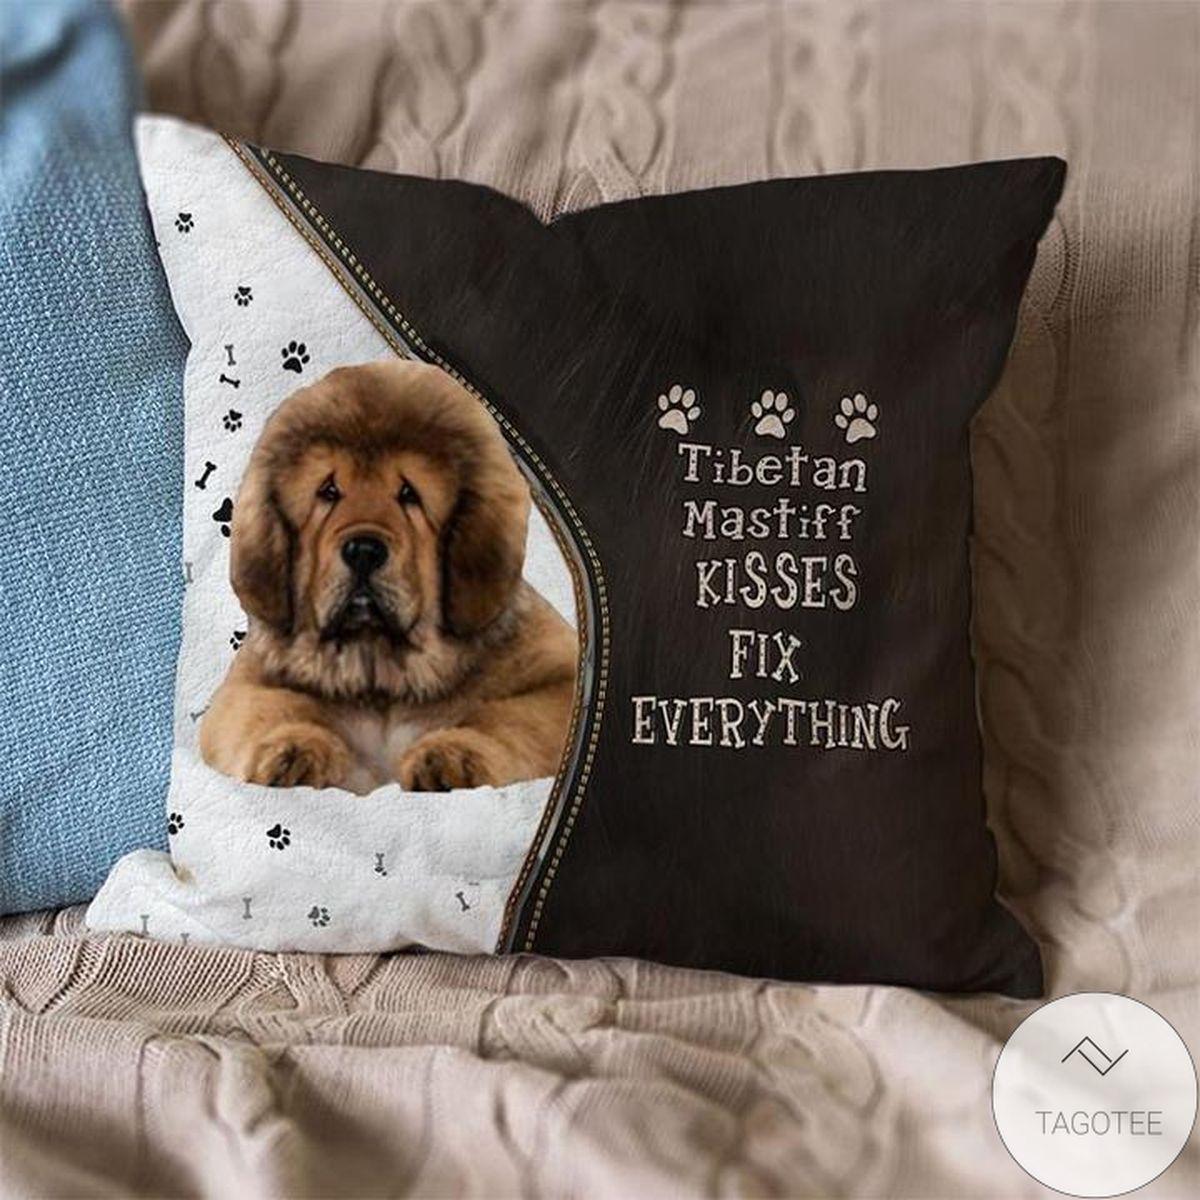 Free Tibetan-Mastiff Kisses Fix Everything Pillowcase